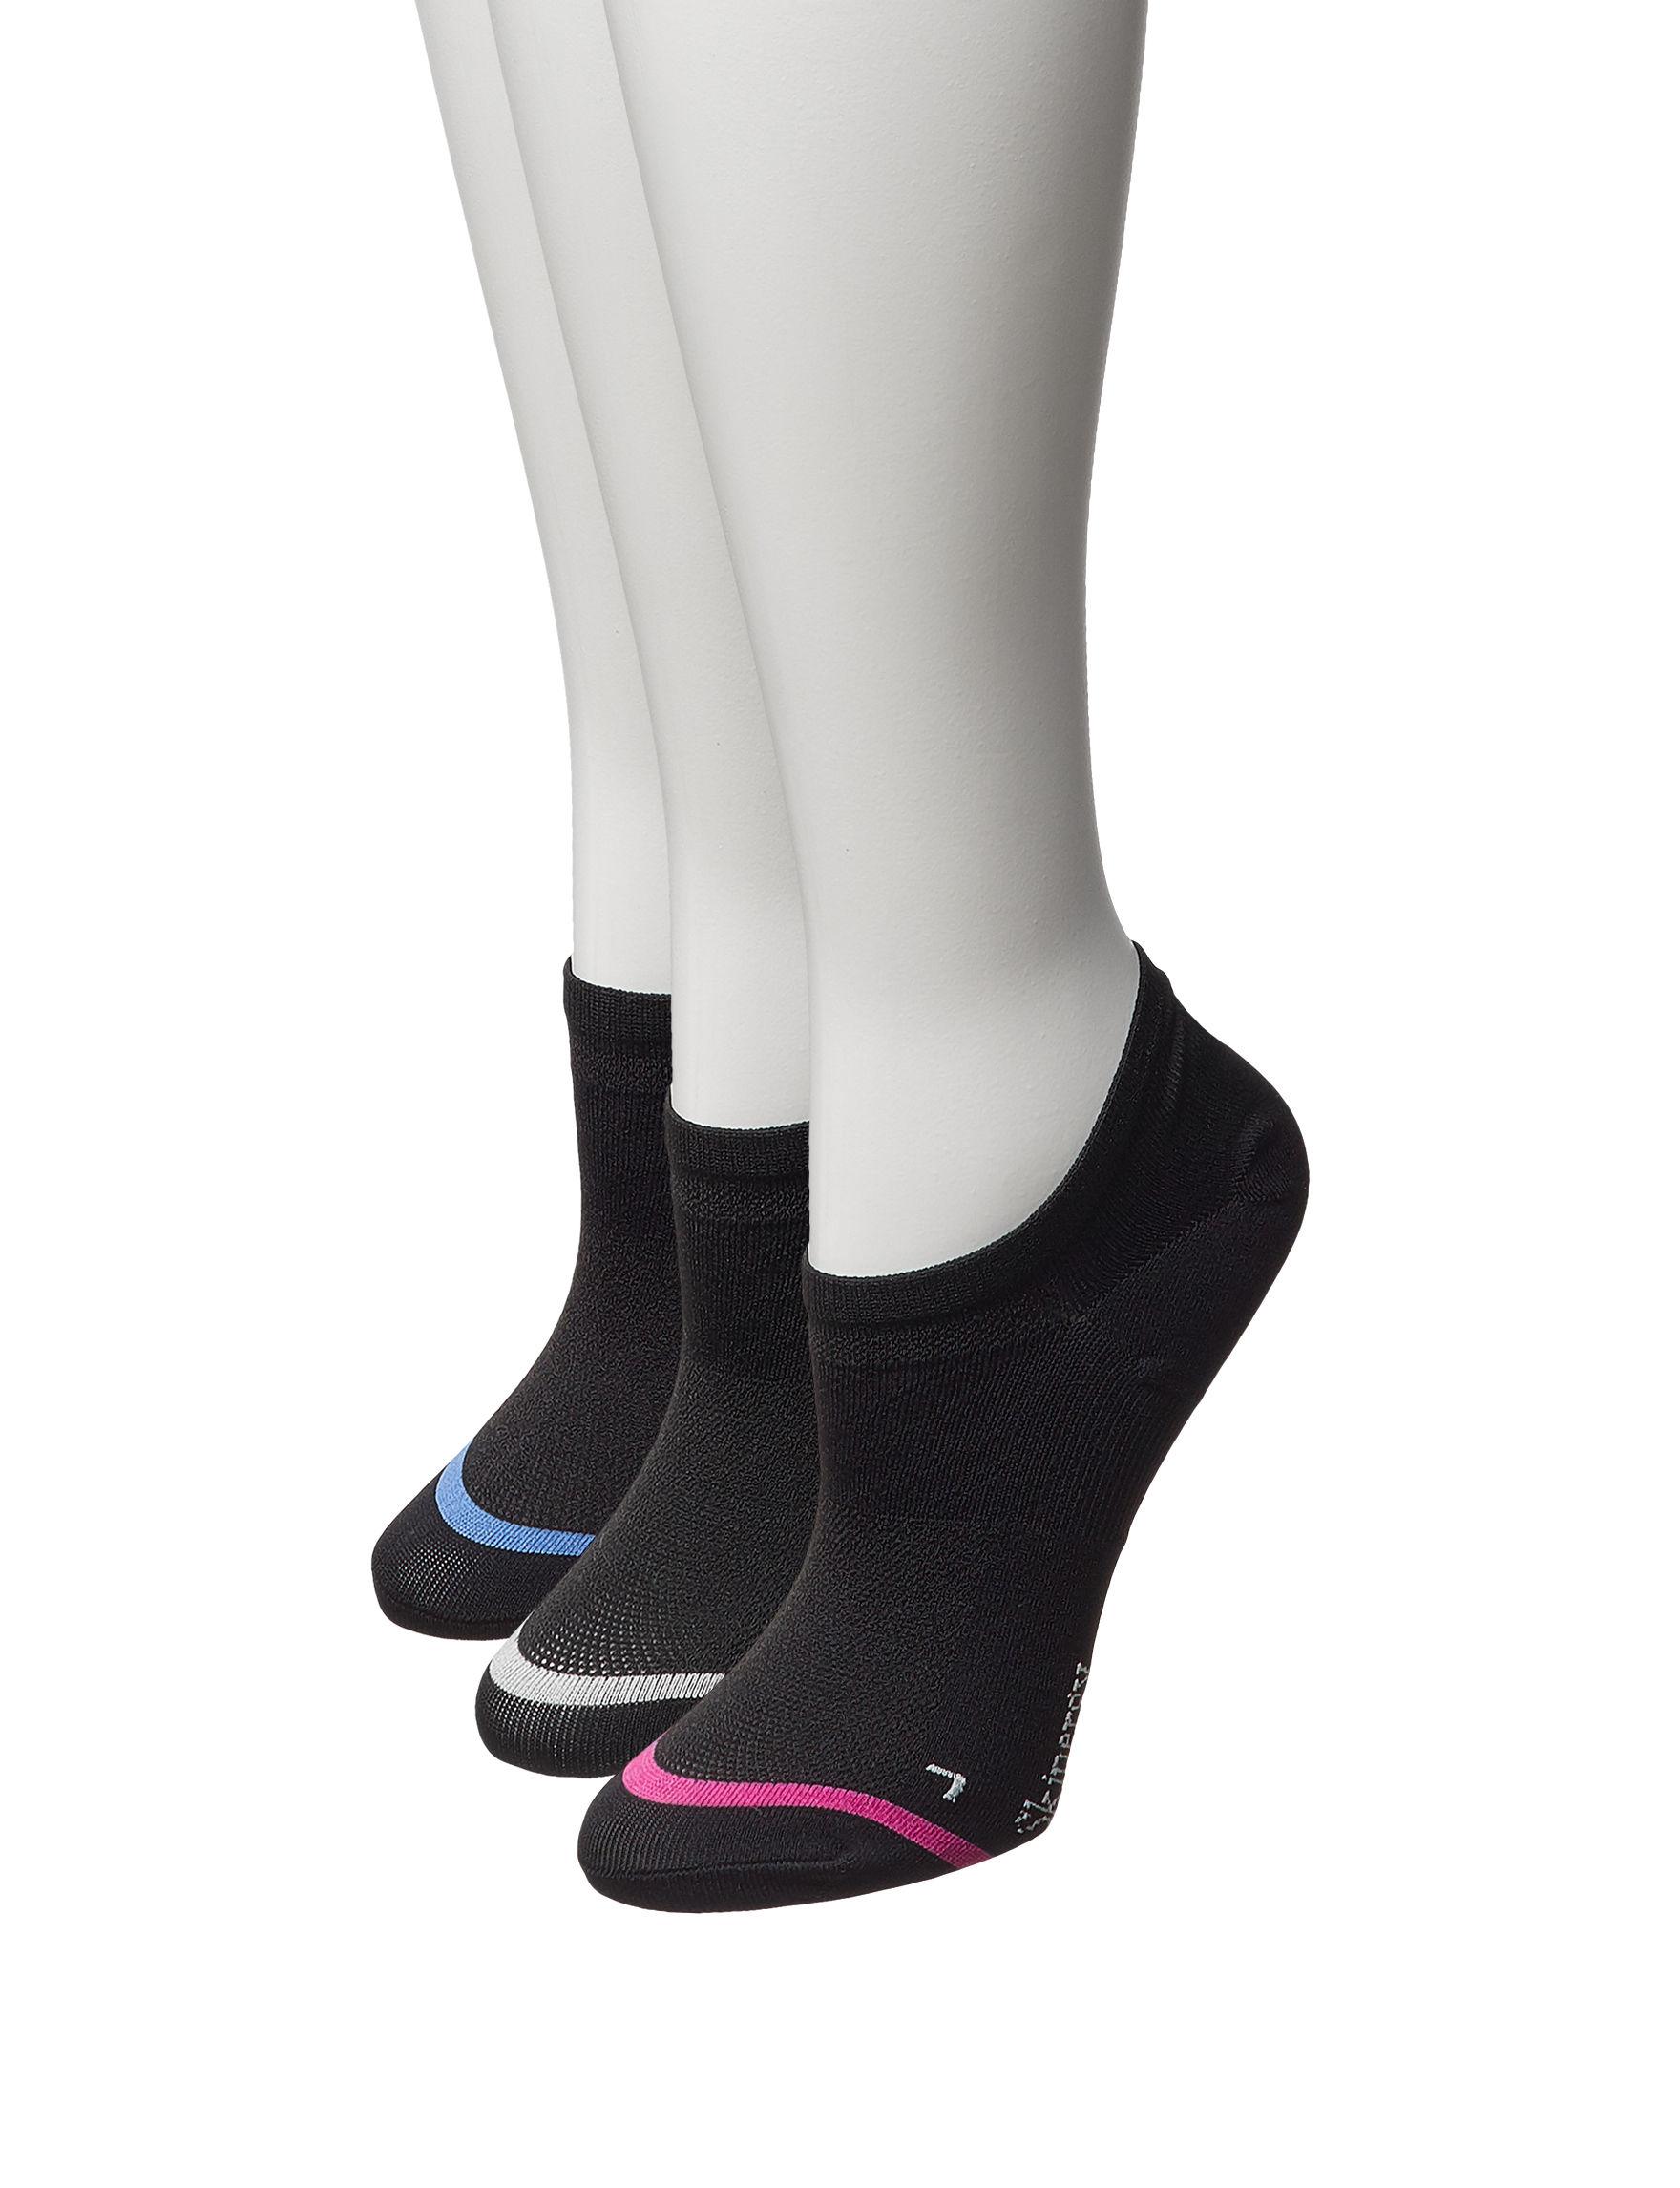 Keep Your Socks On Black Socks Tights & Hosiery